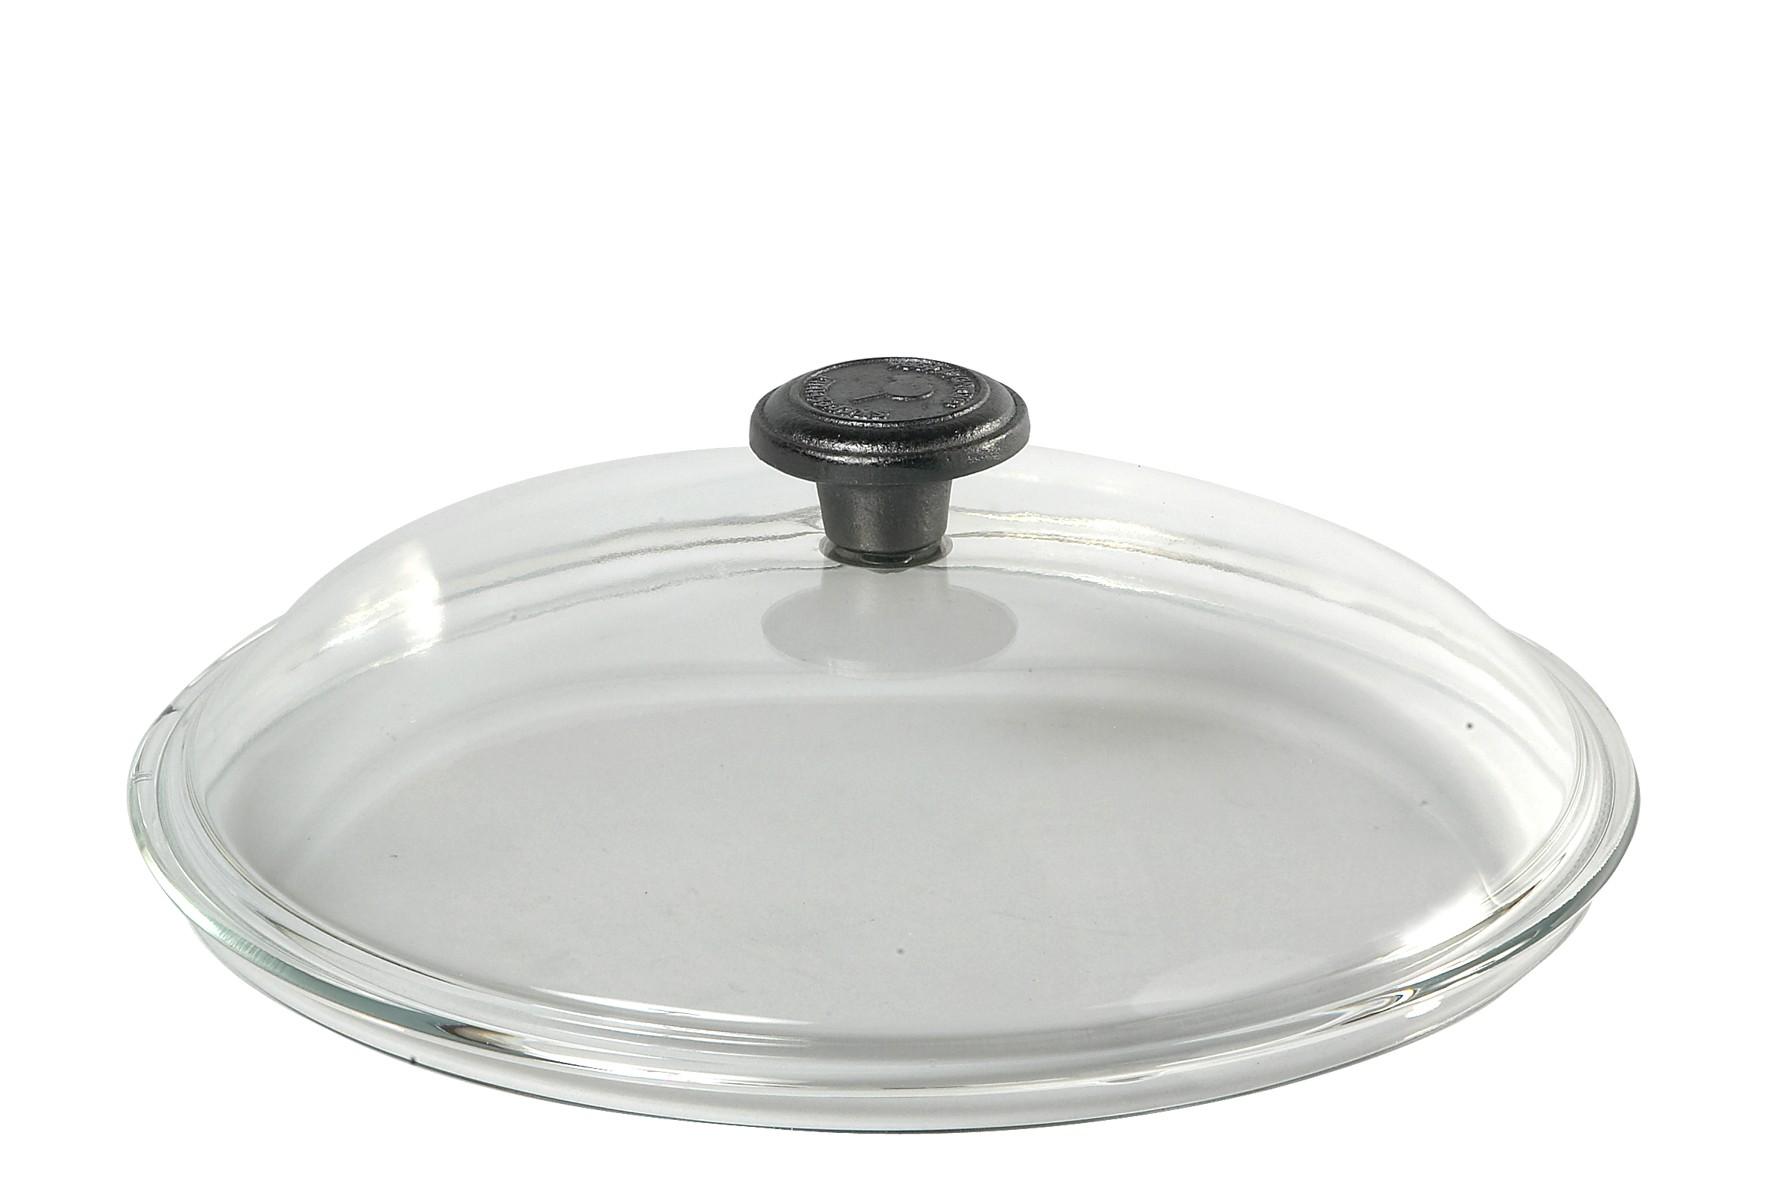 Couvercle pyrex diam. 28 cm